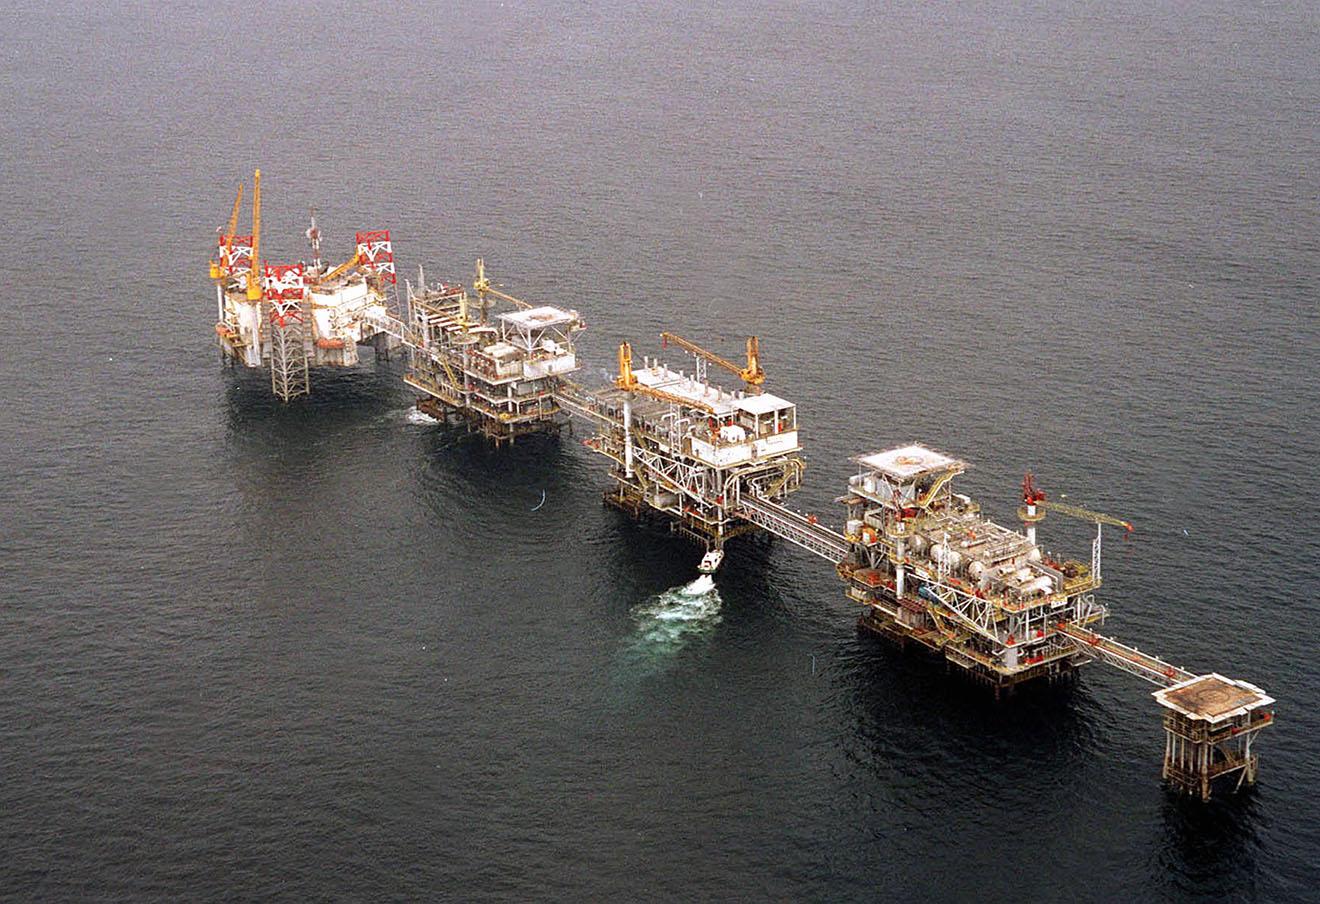 Нефтяная платформа у берегов Кабинды, Ангола.